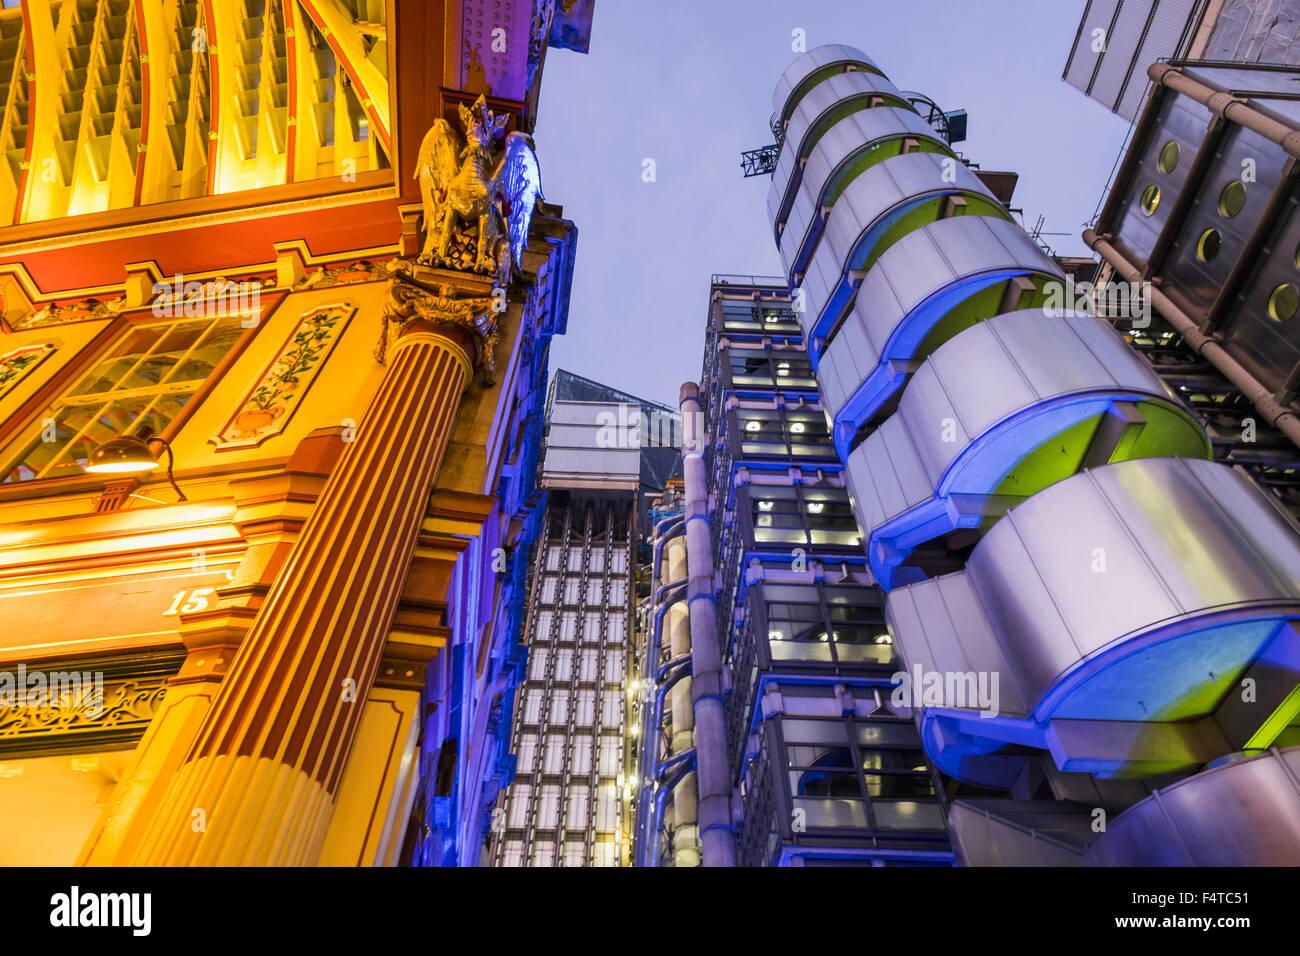 Inglaterra, Londres, la ciudad, el mercado Leadenhall y edificio Lloyds Imagen De Stock